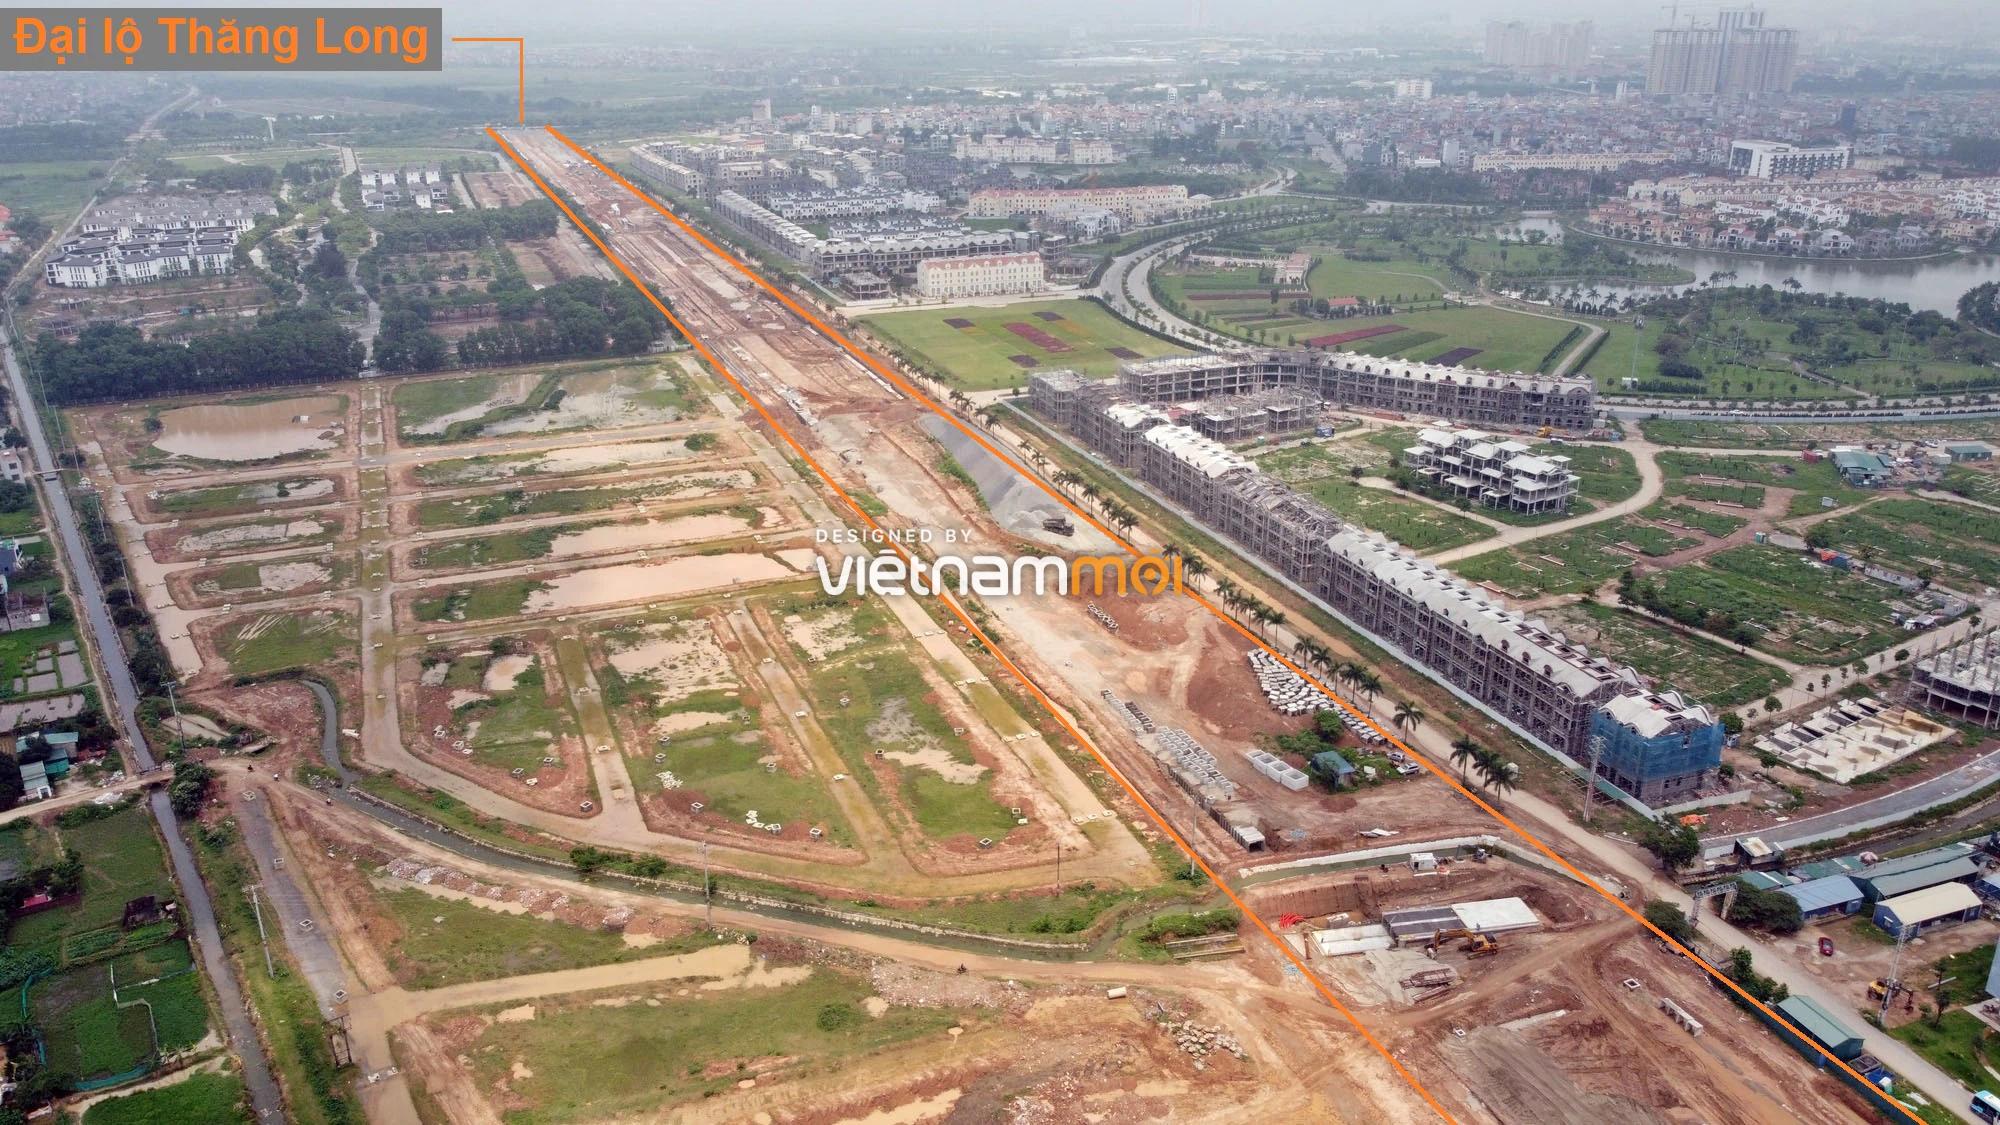 Toàn cảnh đường nối Đại lộ Thăng Long - tỉnh lộ 423 qua KĐT Nam An Khánh đang mở theo quy hoạch ở Hà Nội - Ảnh 5.